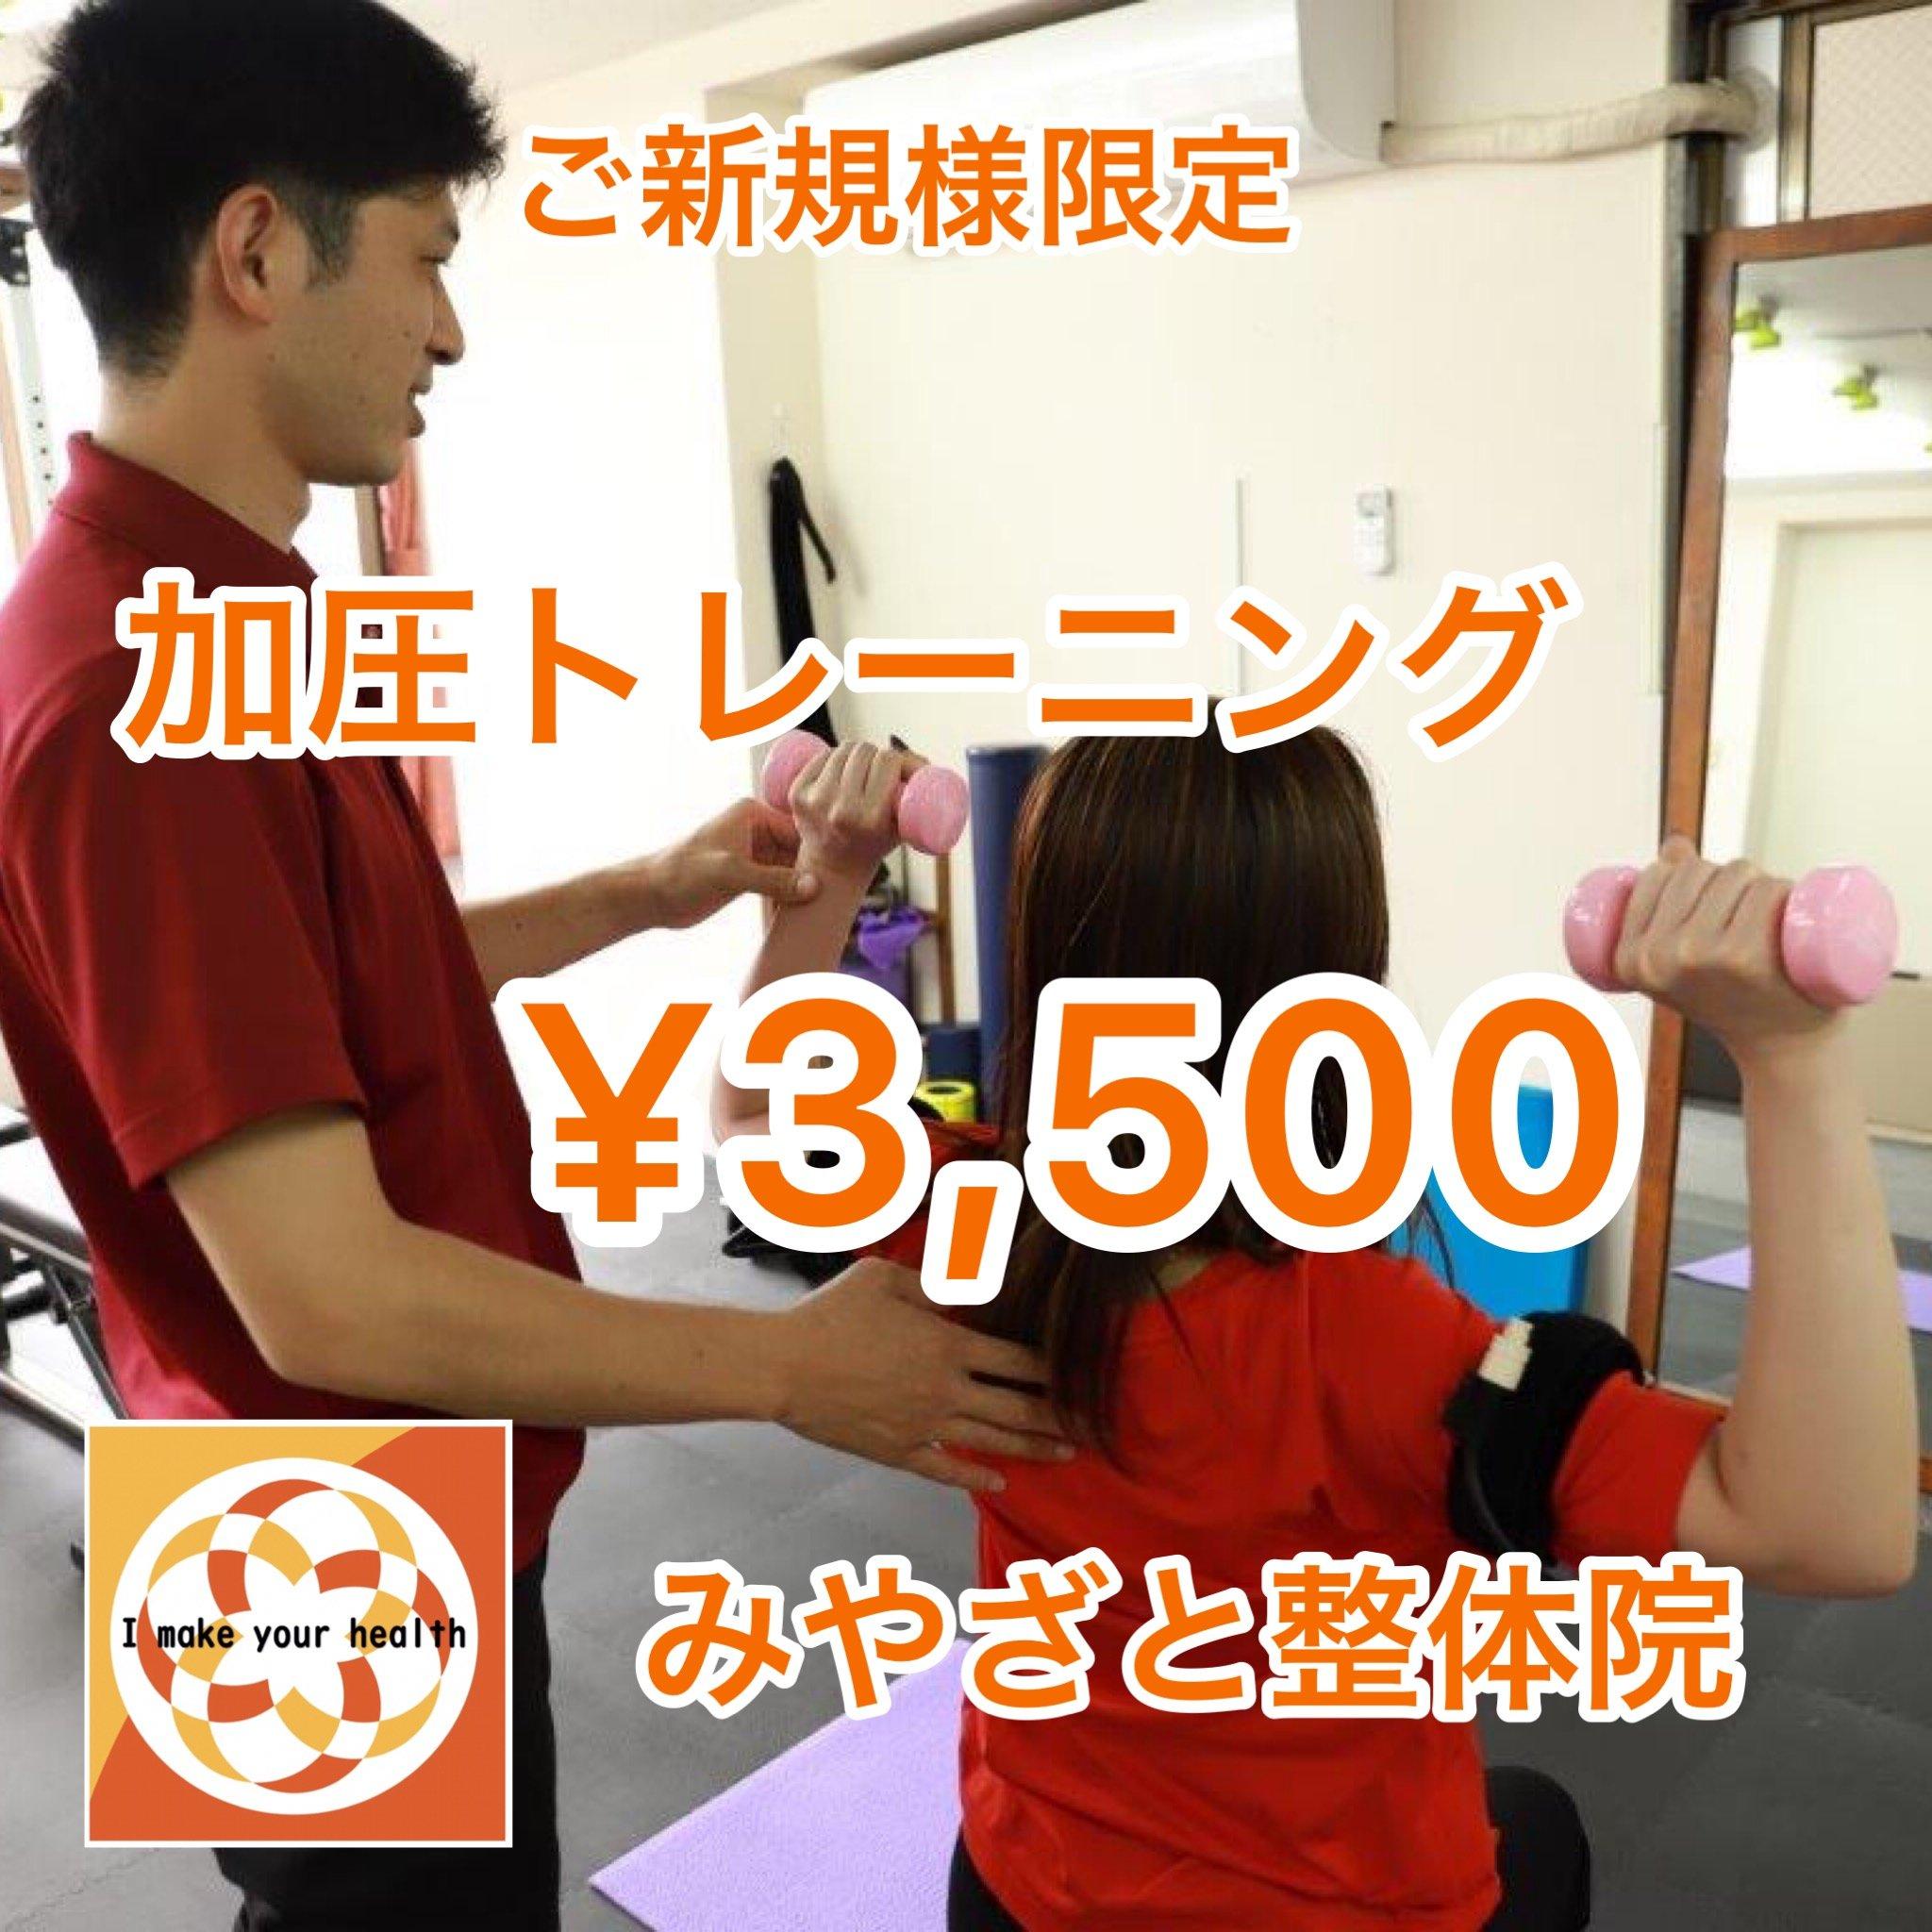 【ご新規様限定】加圧トレーニングお試しチケット◆現地払い限定◆『痛みの改善』『ダイエット』にのイメージその1